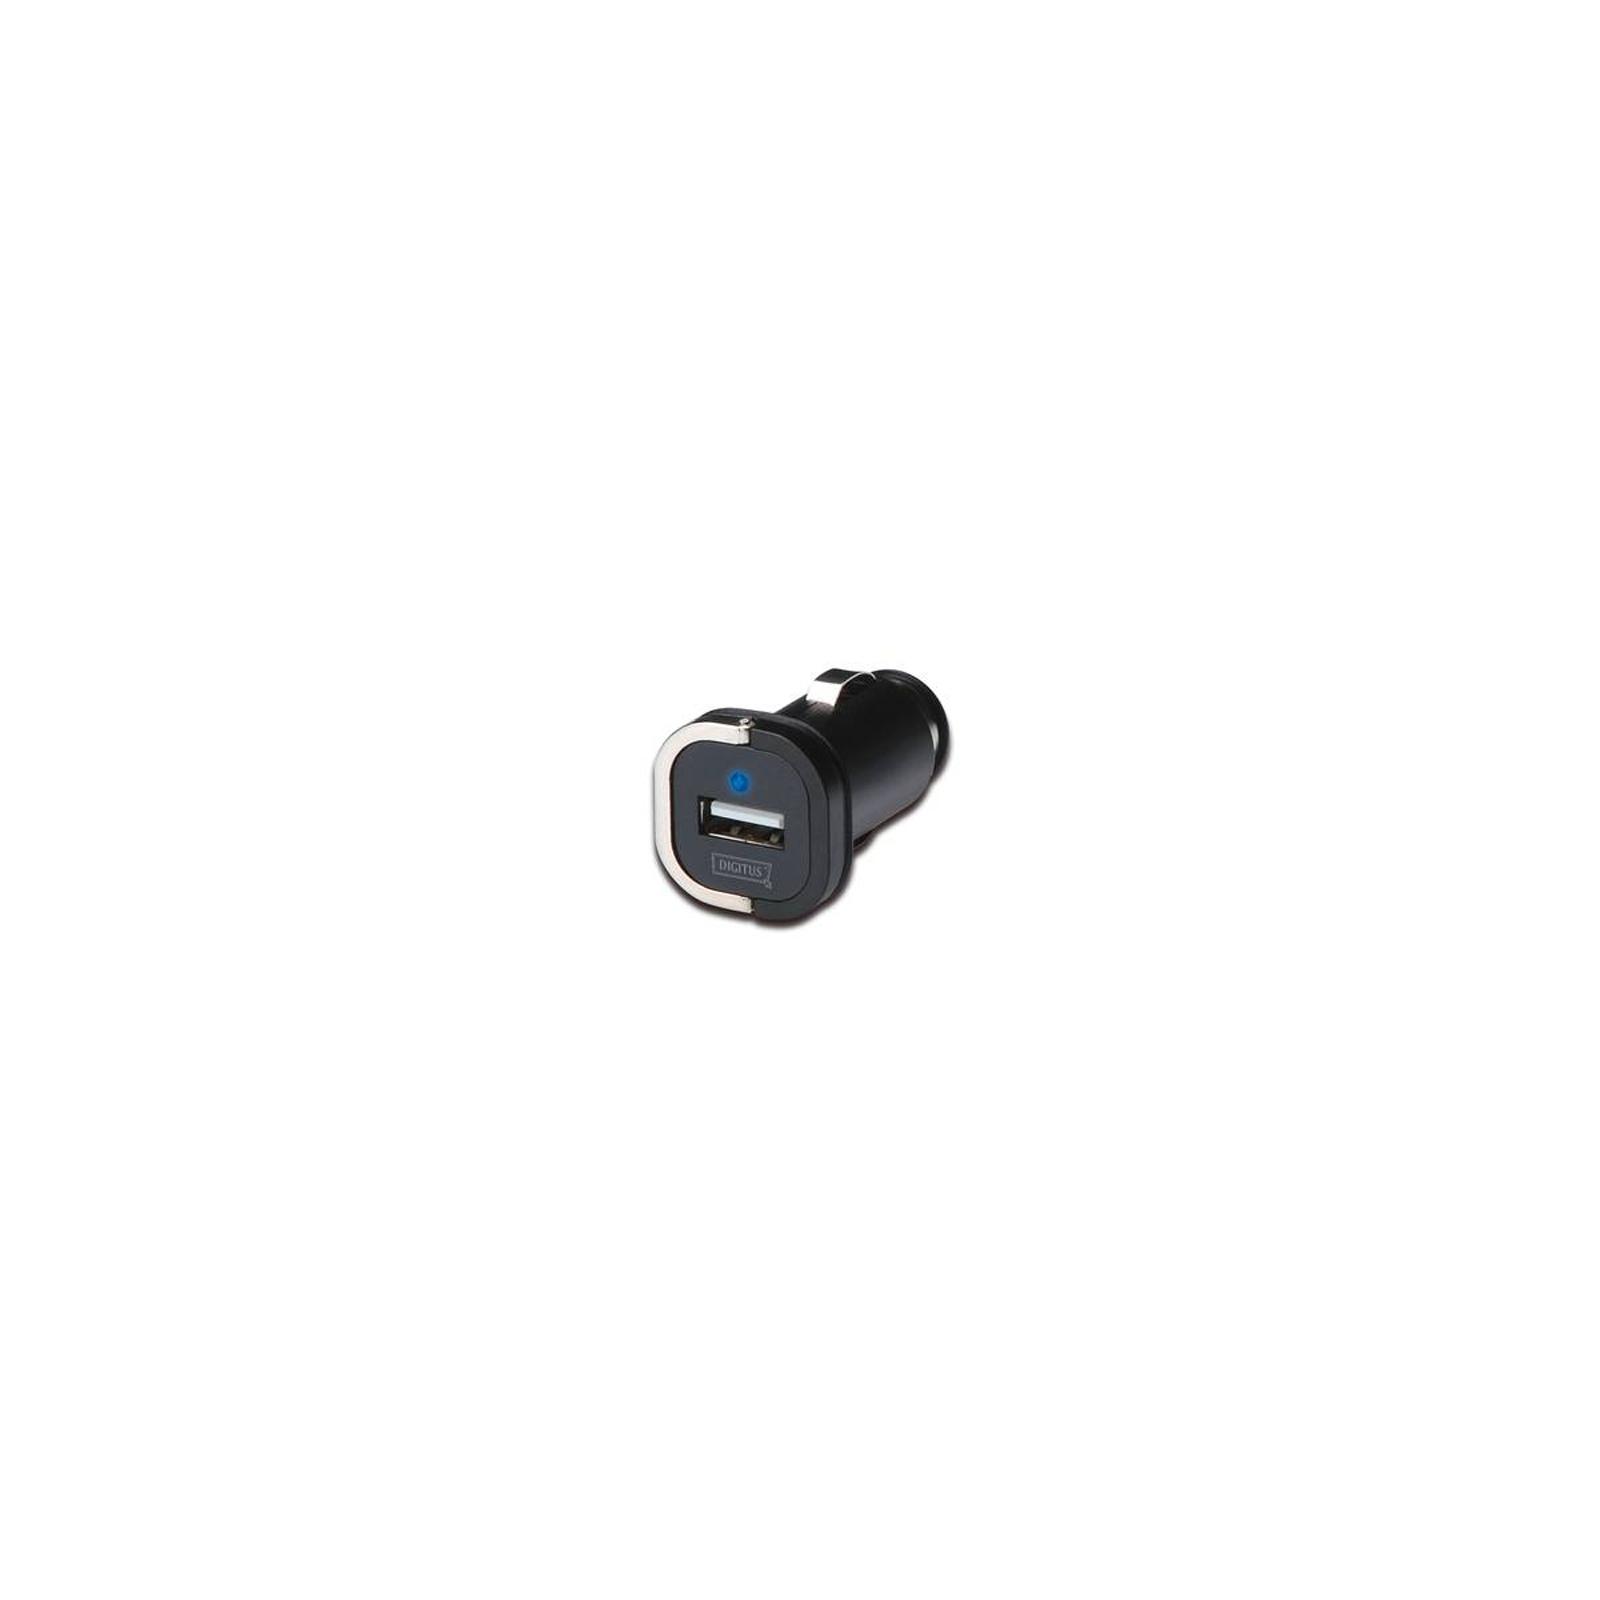 Зарядное устройство DIGITUS DA-11001 изображение 3